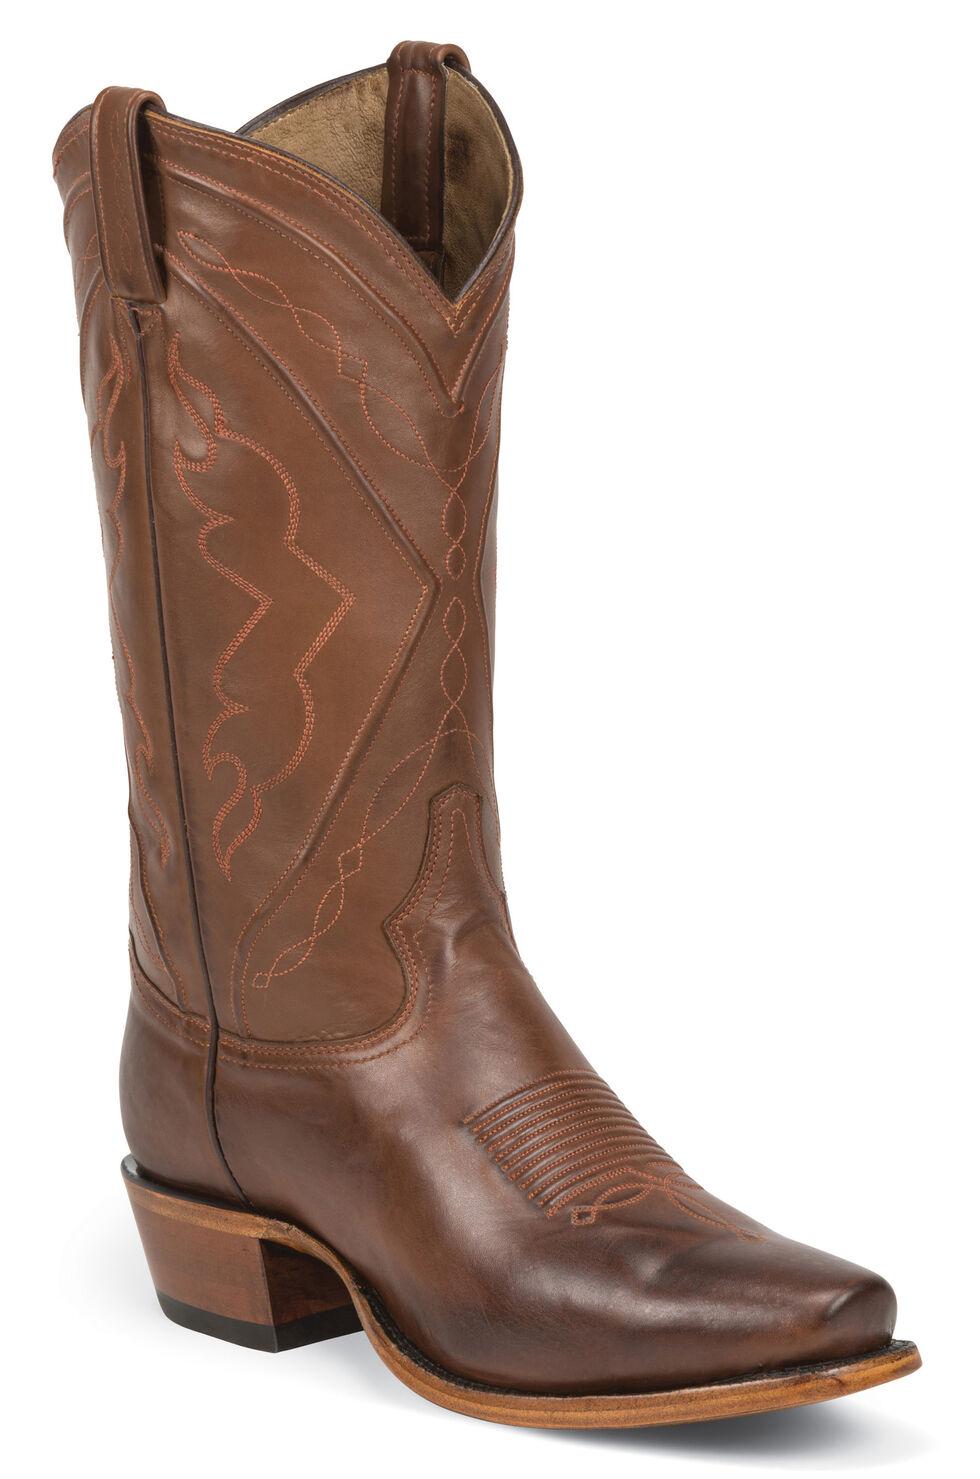 Tony Lama Men's Tan Ranch Jersey El Paso Cowboy Boots - Square Toe, , hi-res